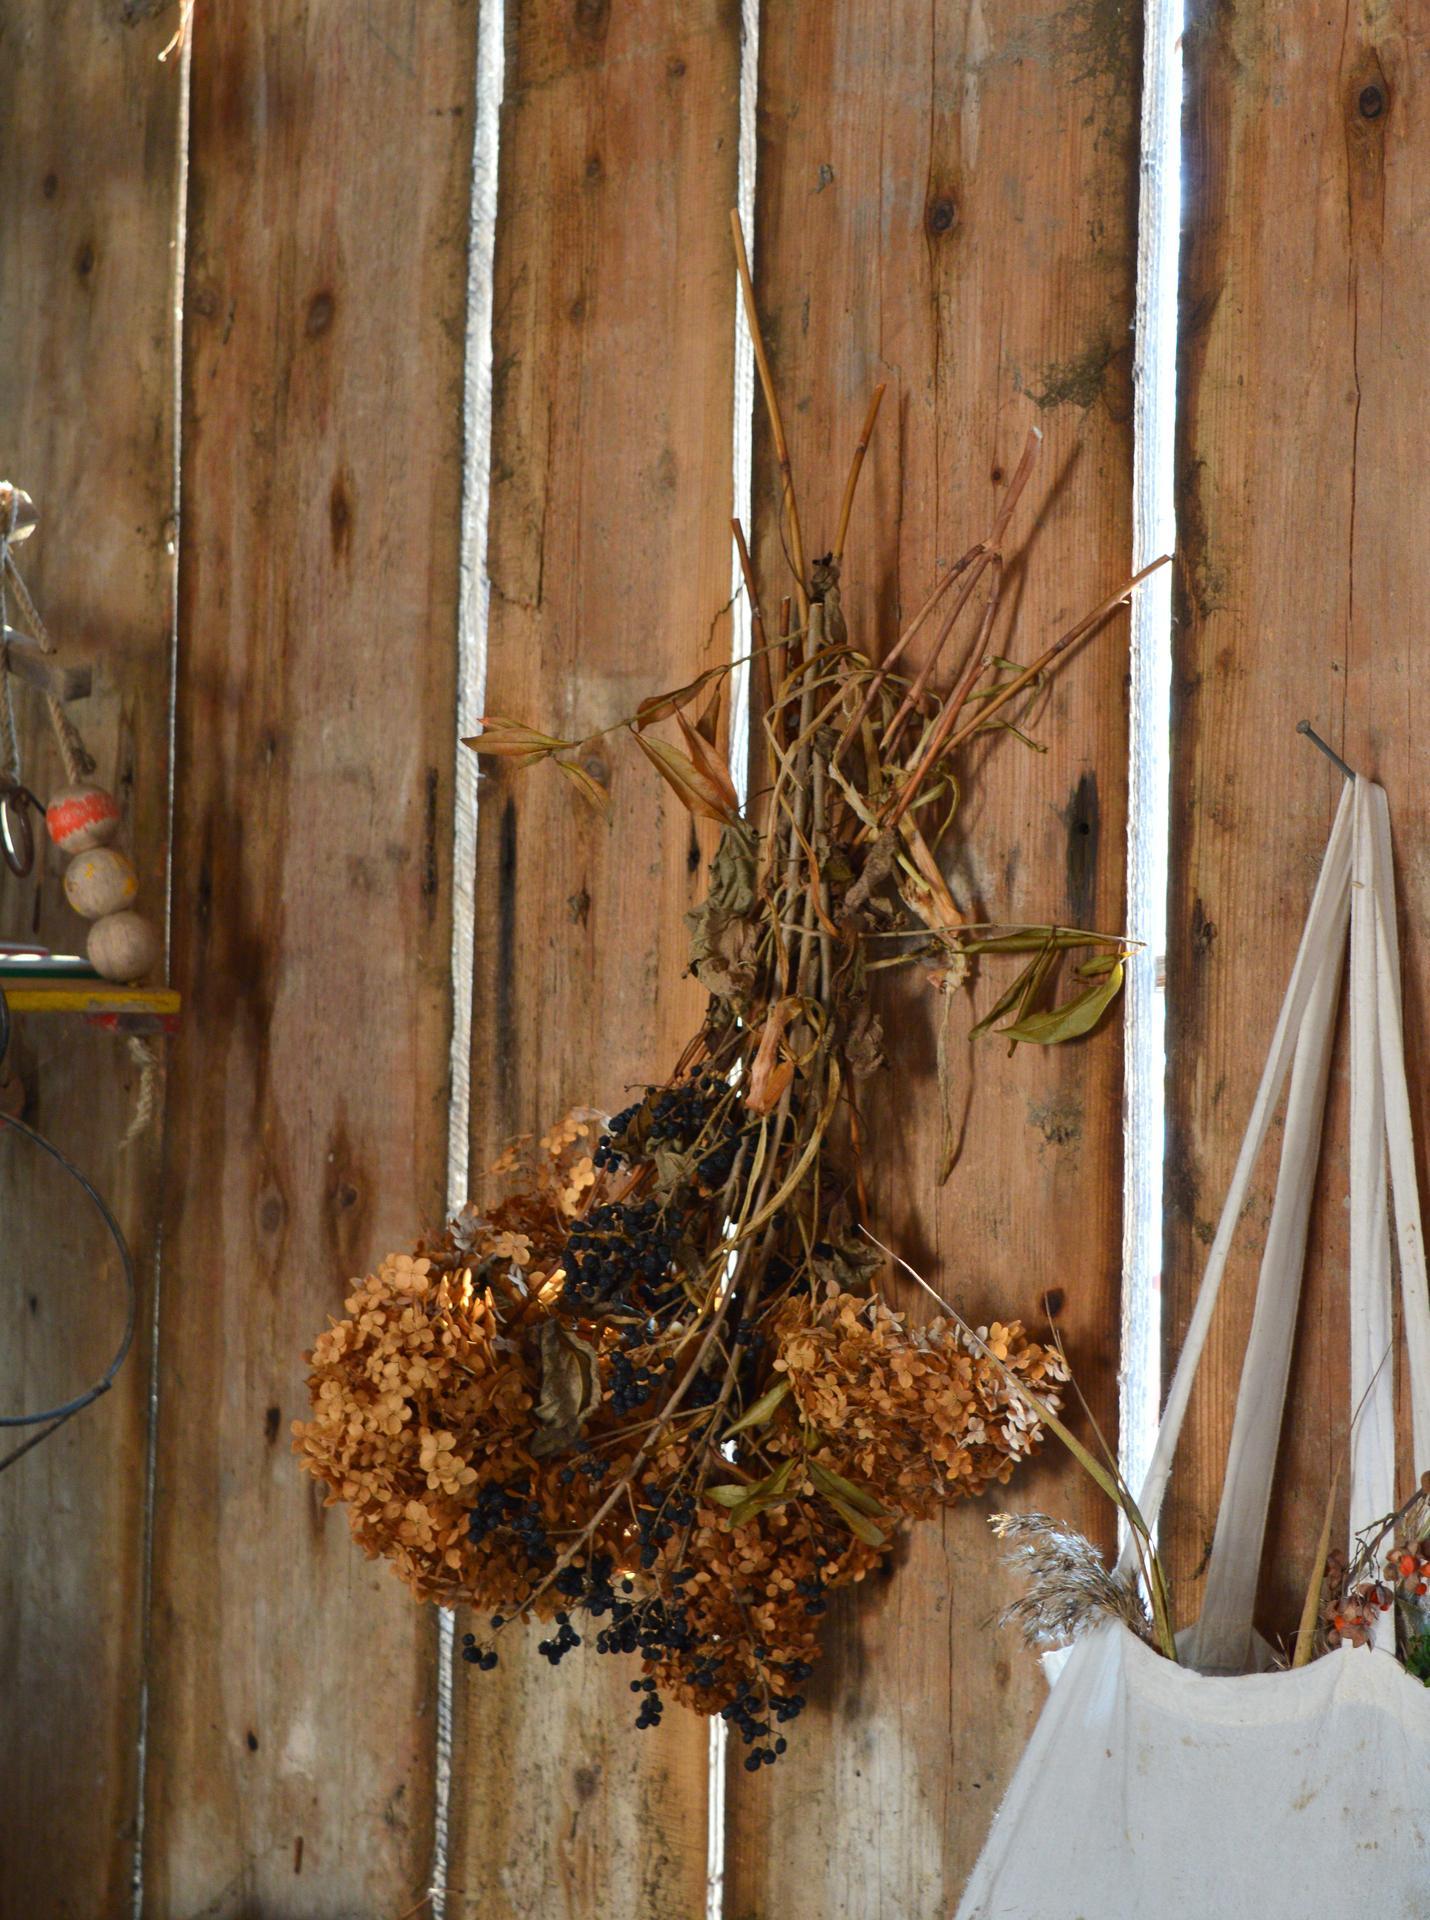 Naša prírodná perma záhradka v roku 2021 - 1/2021 - v kôlni